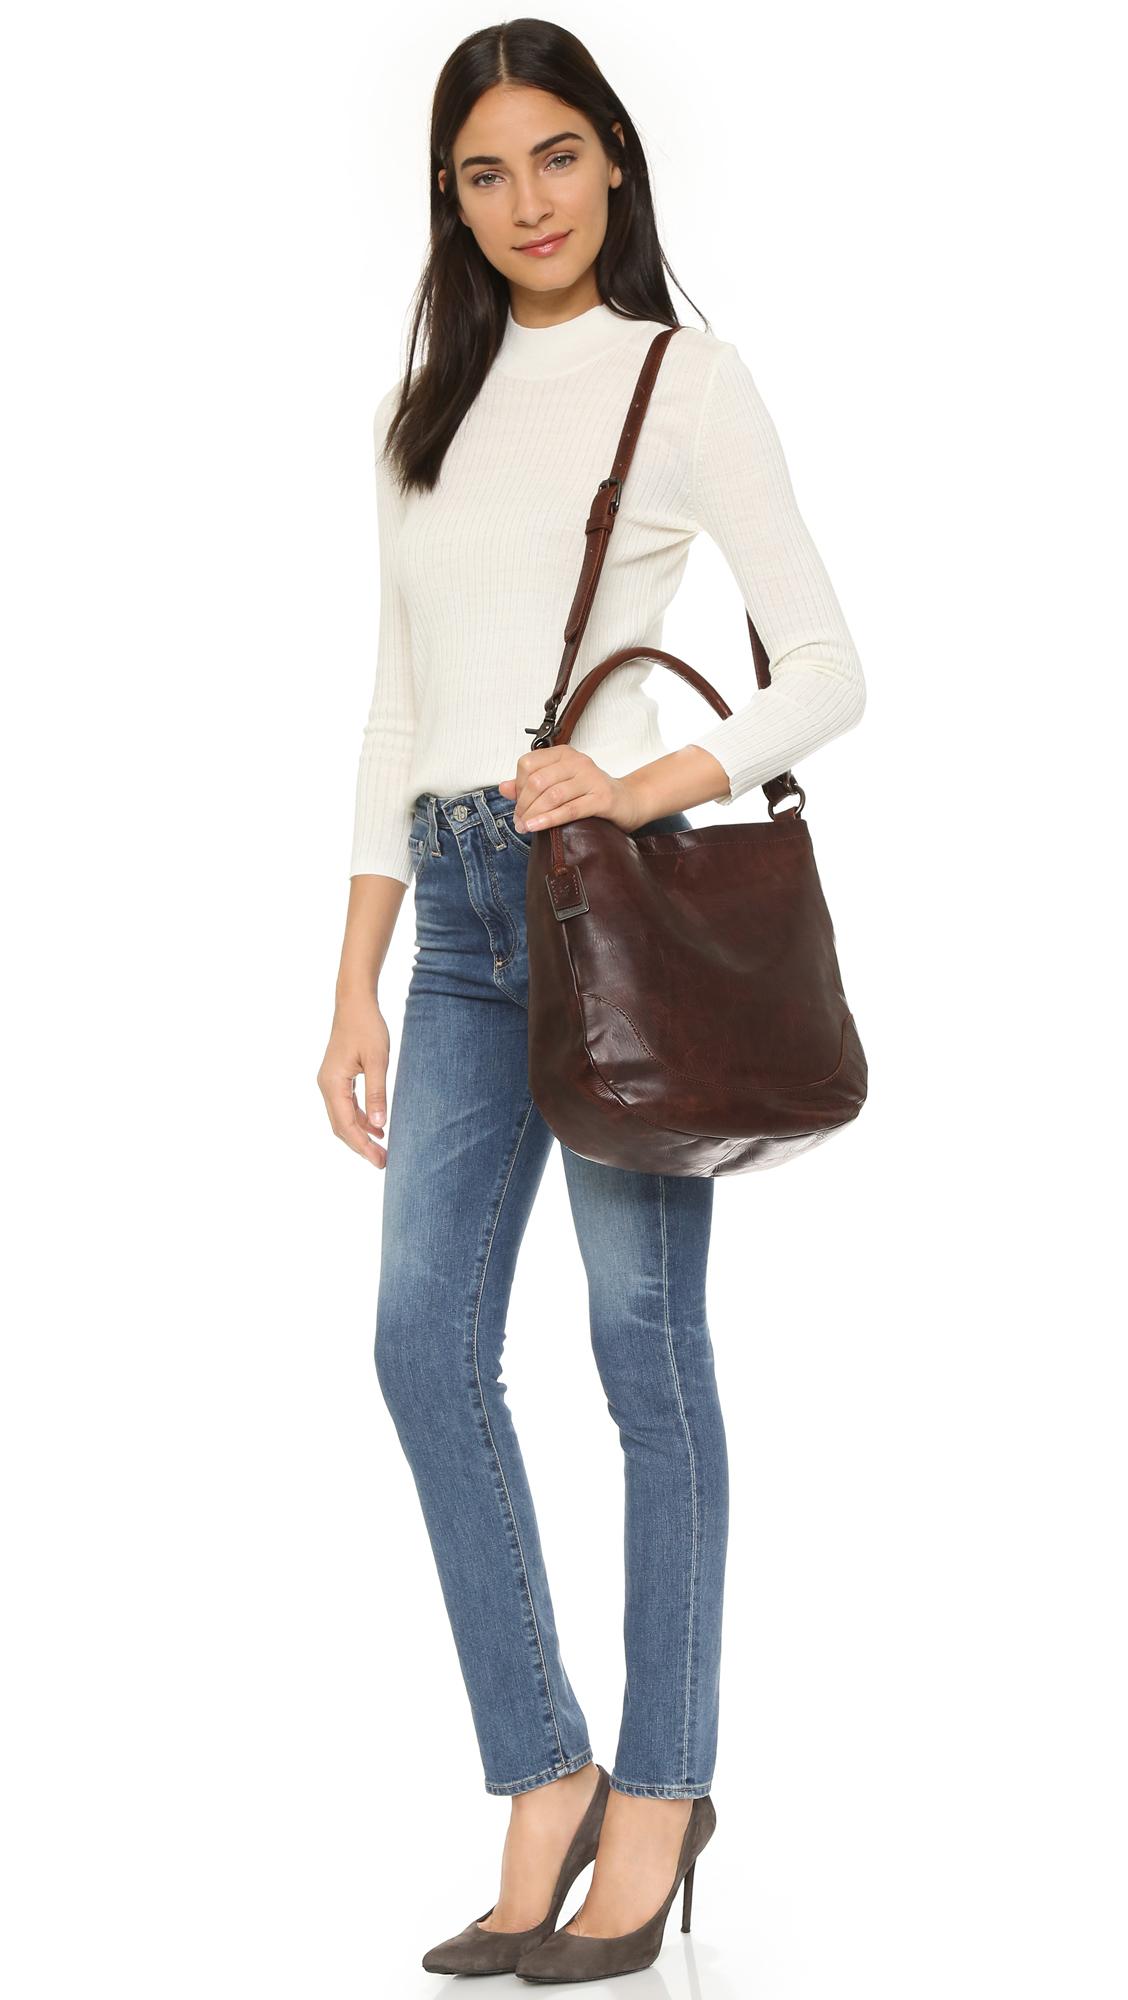 Frye Melissa Hobo Bag - Dark Brown in Brown | Lyst